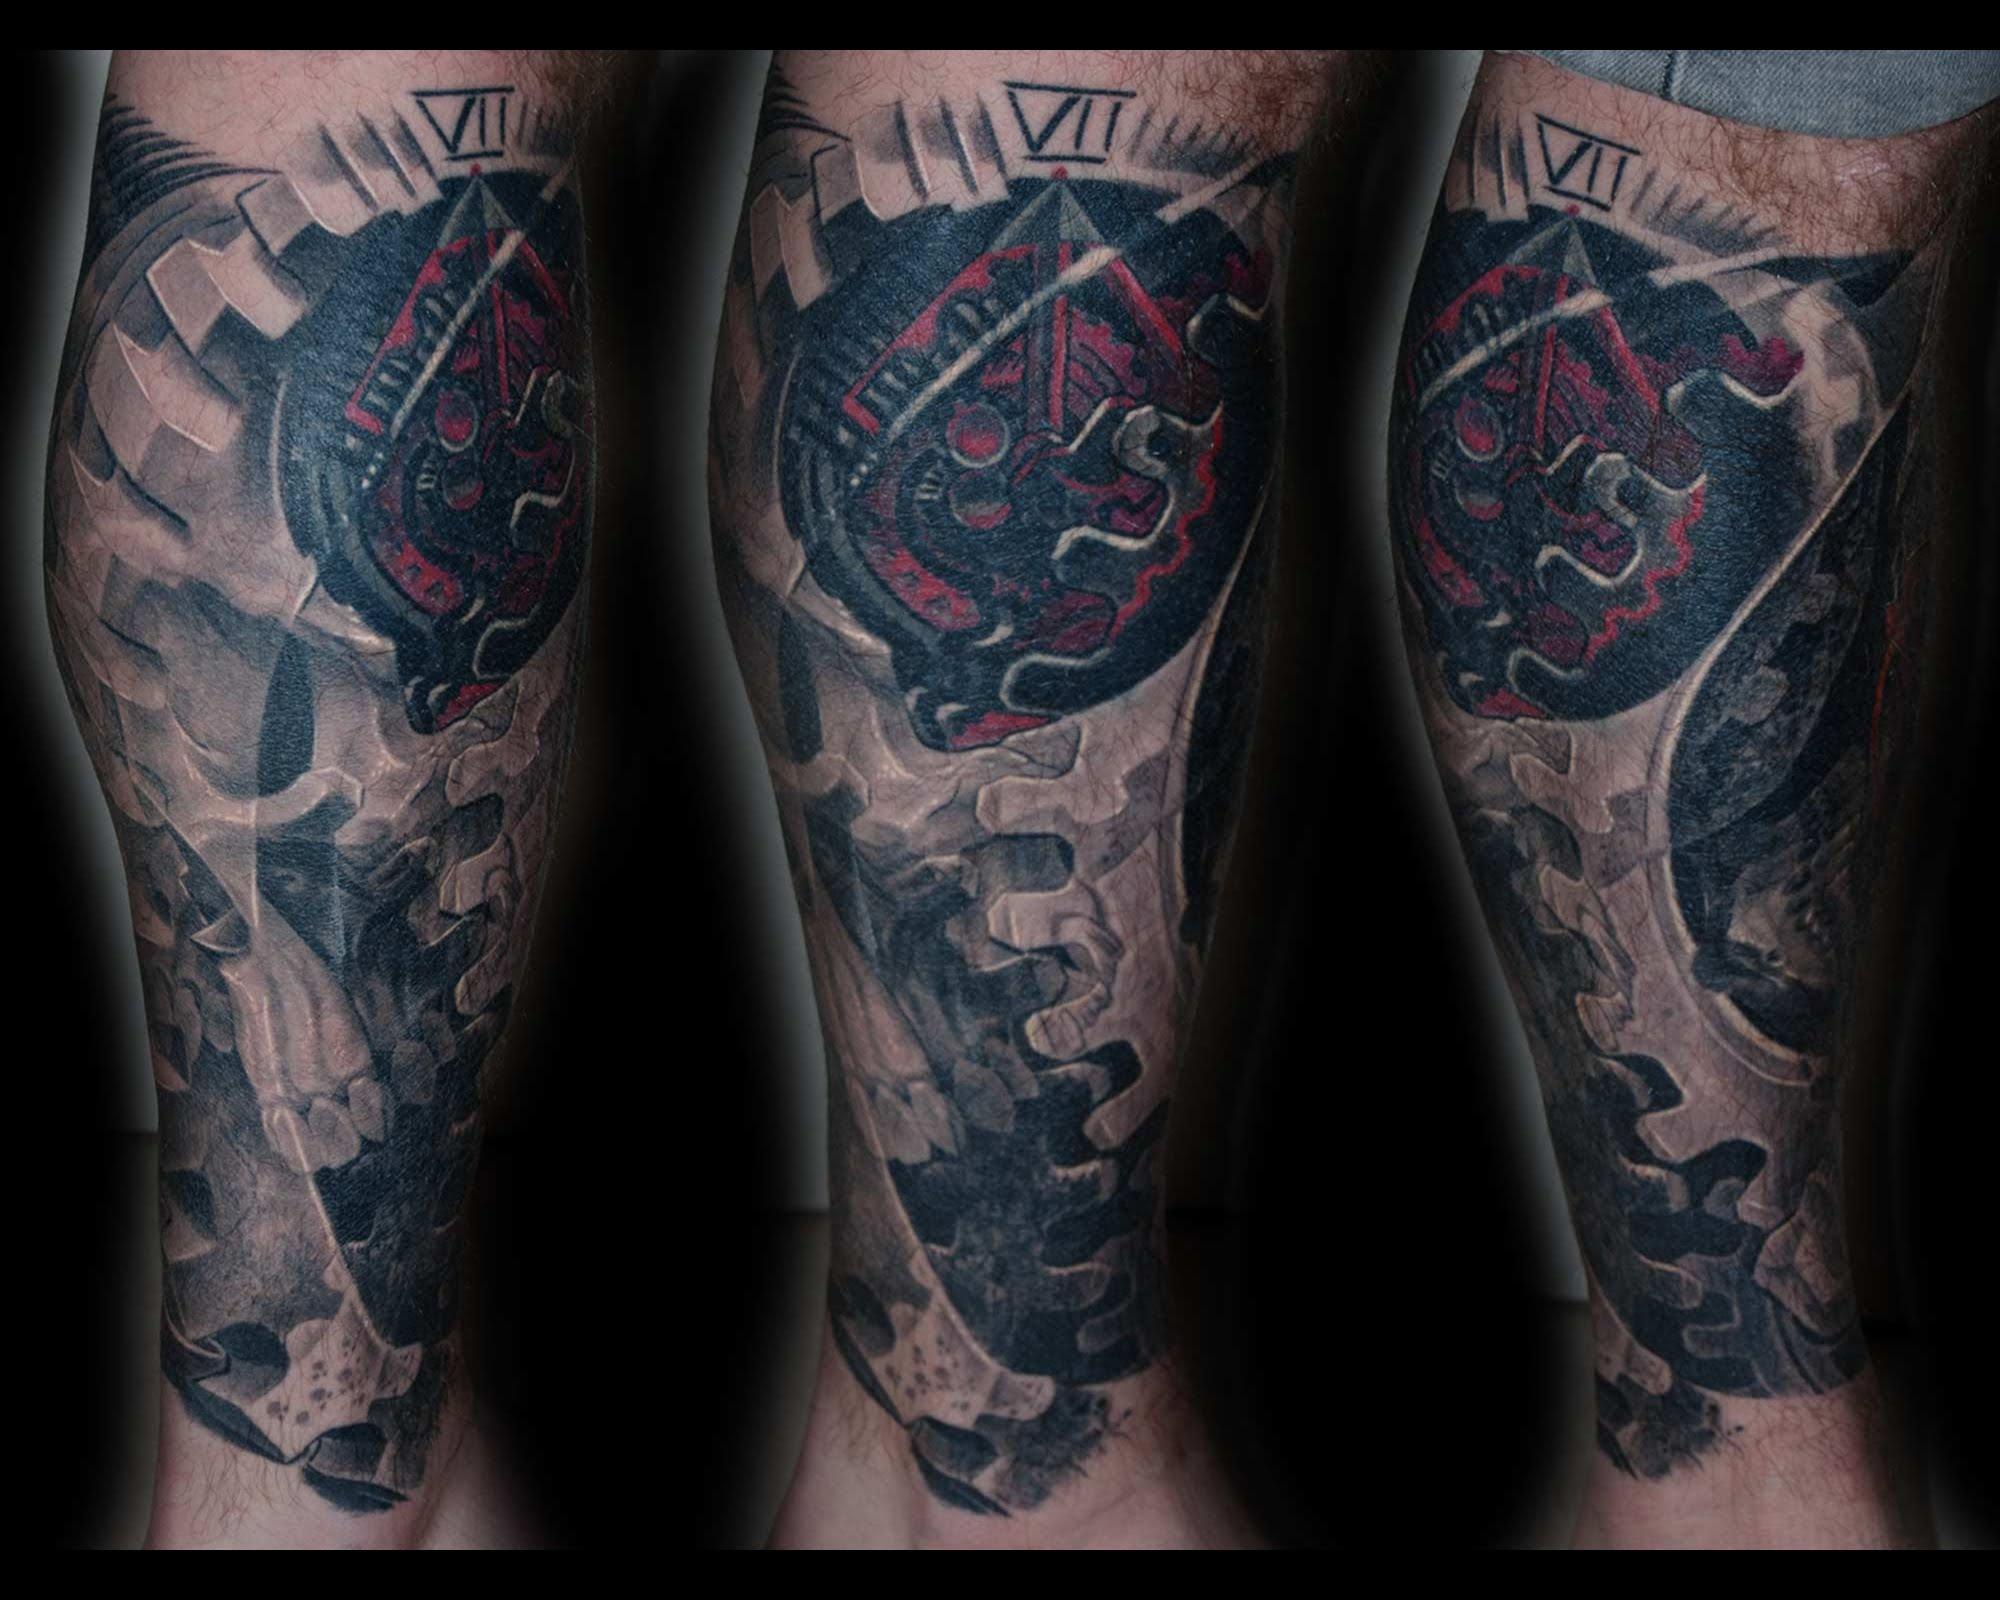 biomechanik-steampunk-schaedel-zahnrad-totenkopf-cover-up-tattoo-ueberdeckung-3